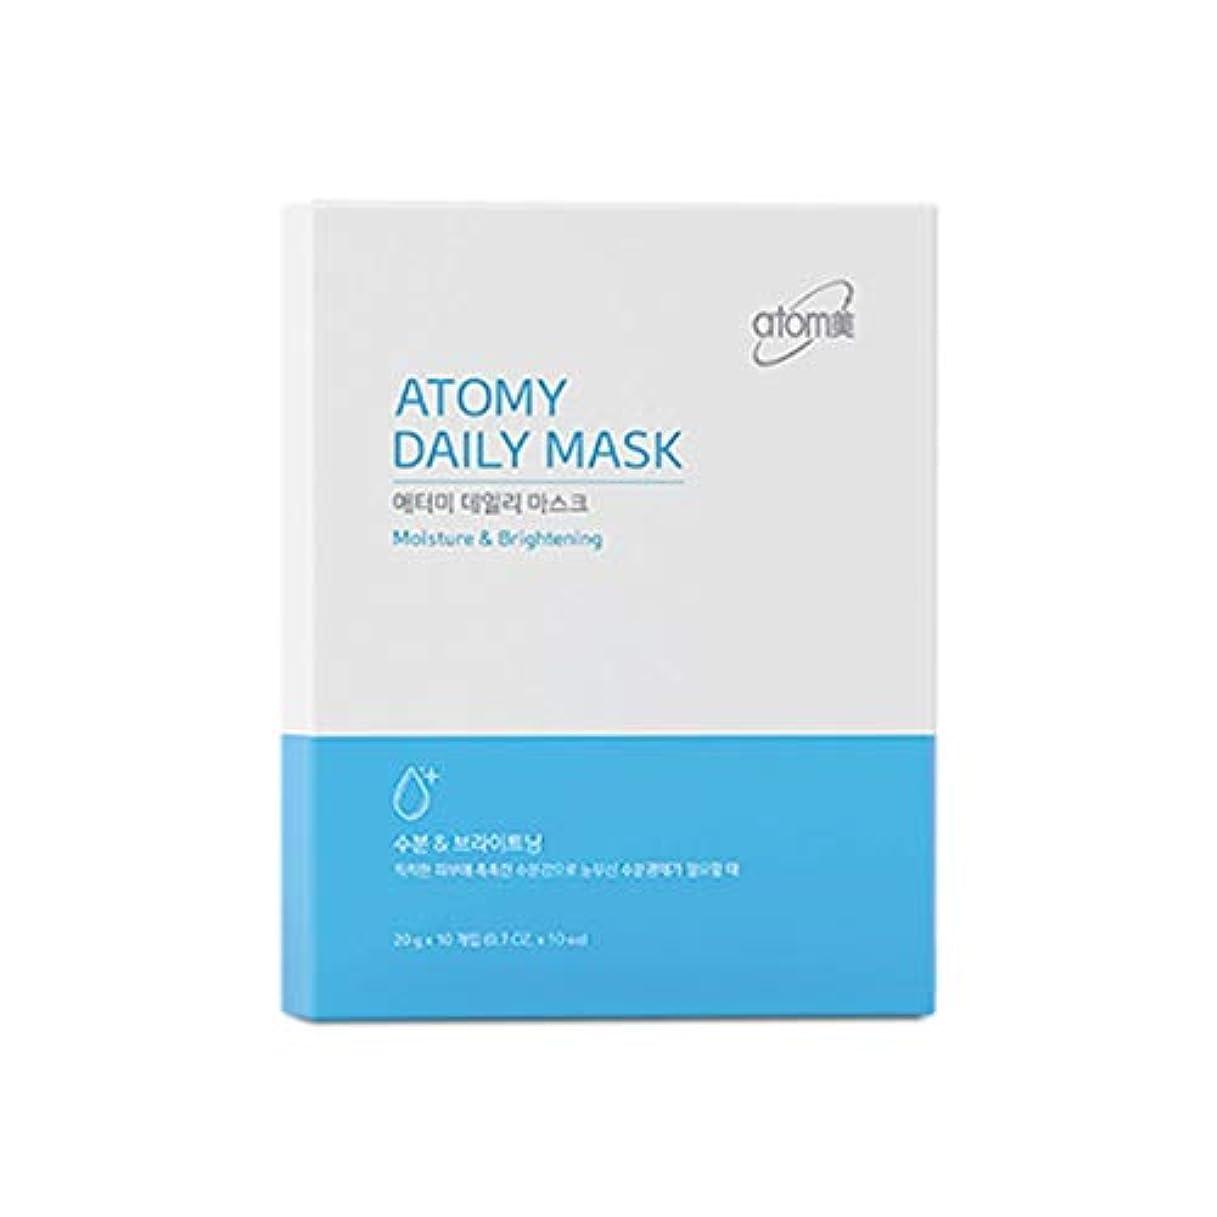 ディスカウント予防接種カロリー[NEW] Atomy Daily Mask Sheet 10 Pack- Moisture & Brightening アトミ 自然由来の成分と4つの特許成分マスクパック(並行輸入品)